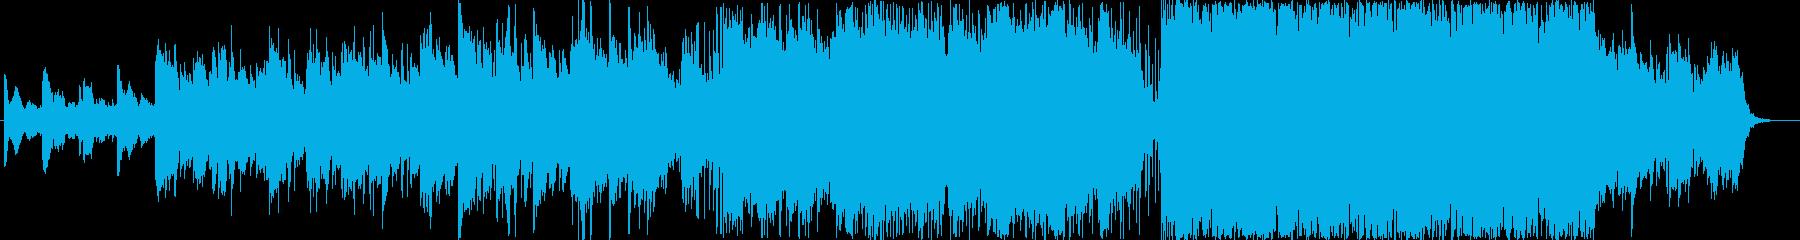 映像向けの爽やかでアコースティックな曲の再生済みの波形